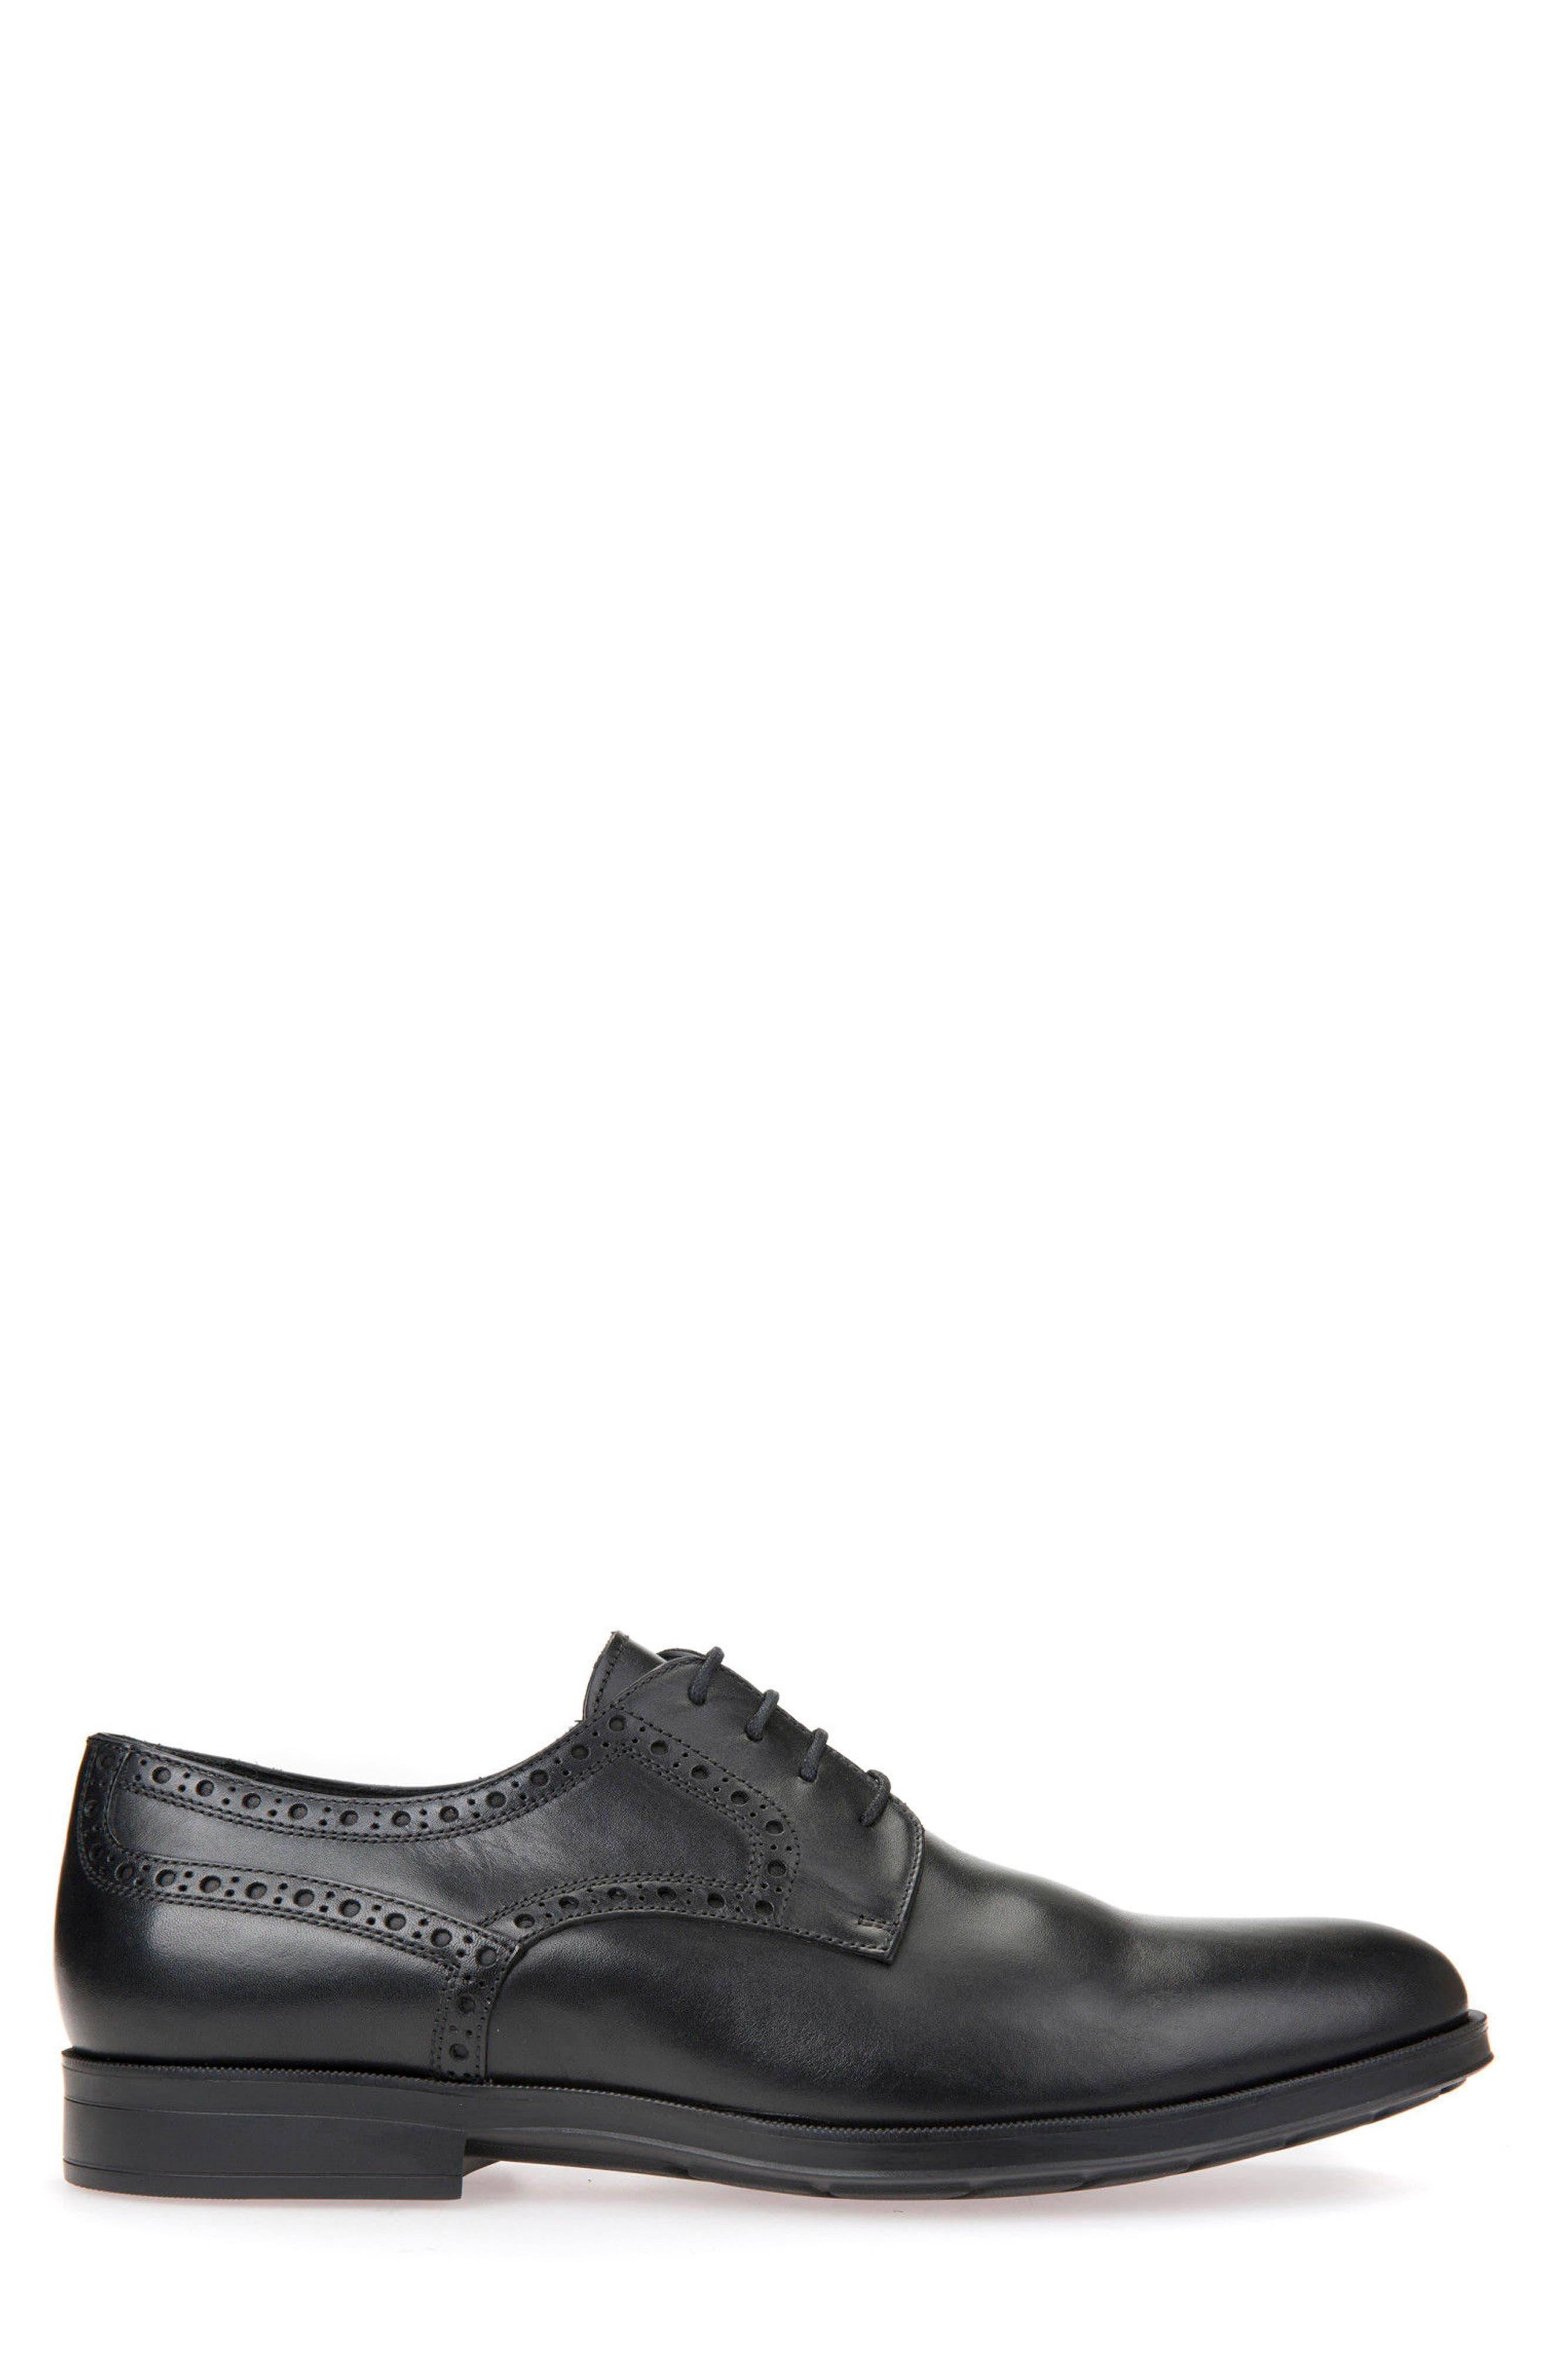 Hilstone 3 Plain Toe Derby,                             Alternate thumbnail 3, color,                             BLACK LEATHER